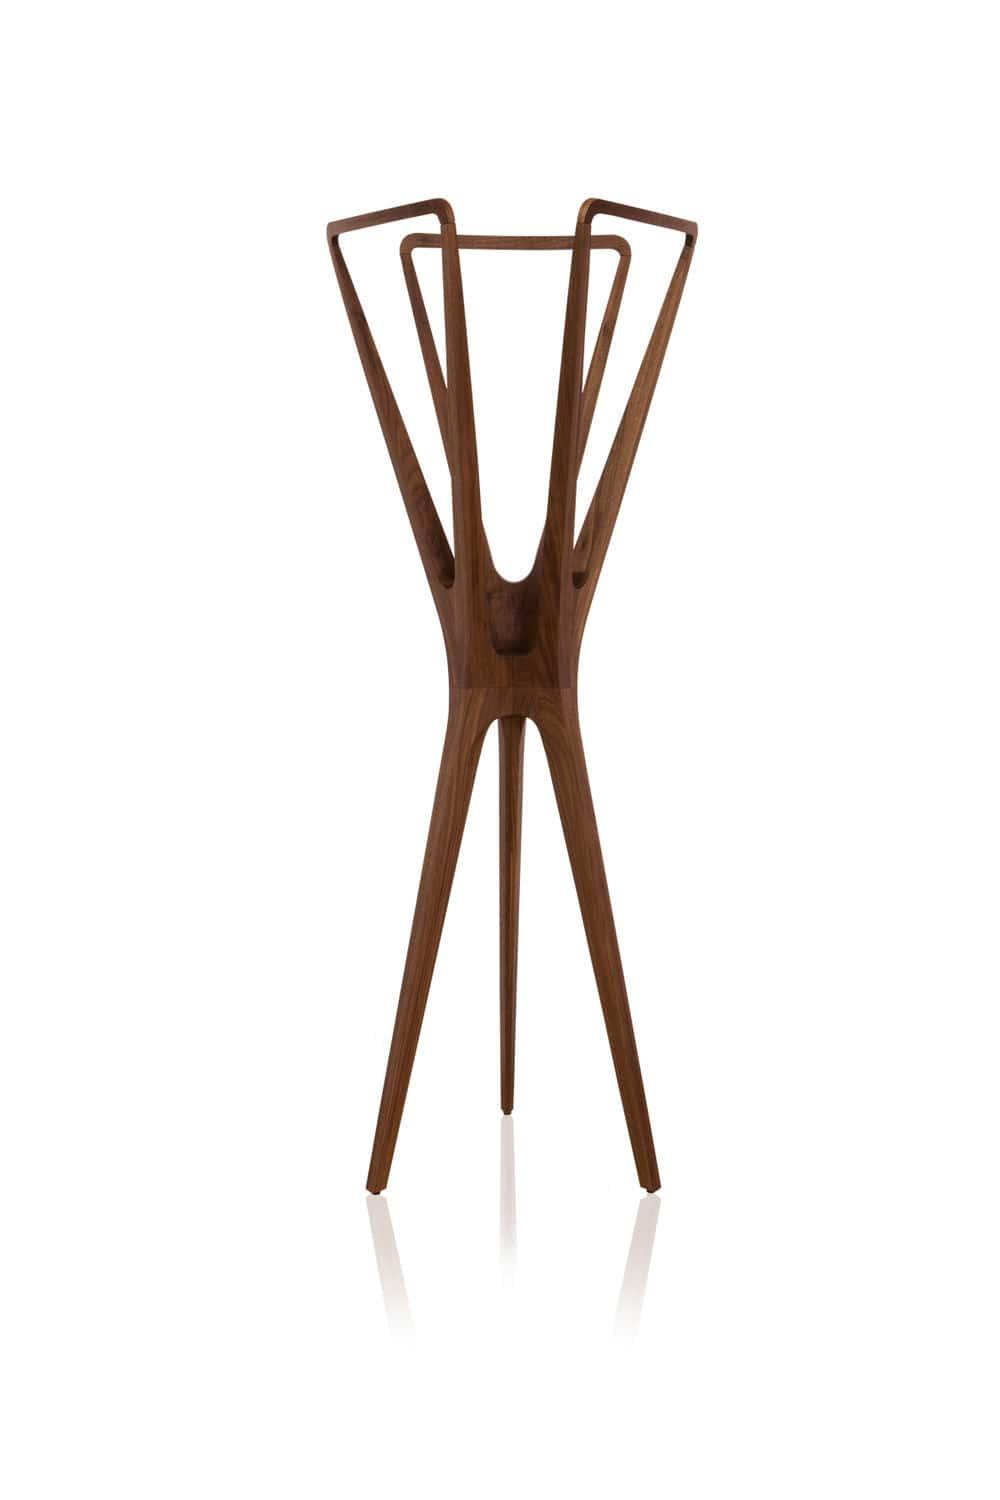 Floor Coat Rack Contemporary Wooden LOOSE By Jader Almeida - Designer coat rack